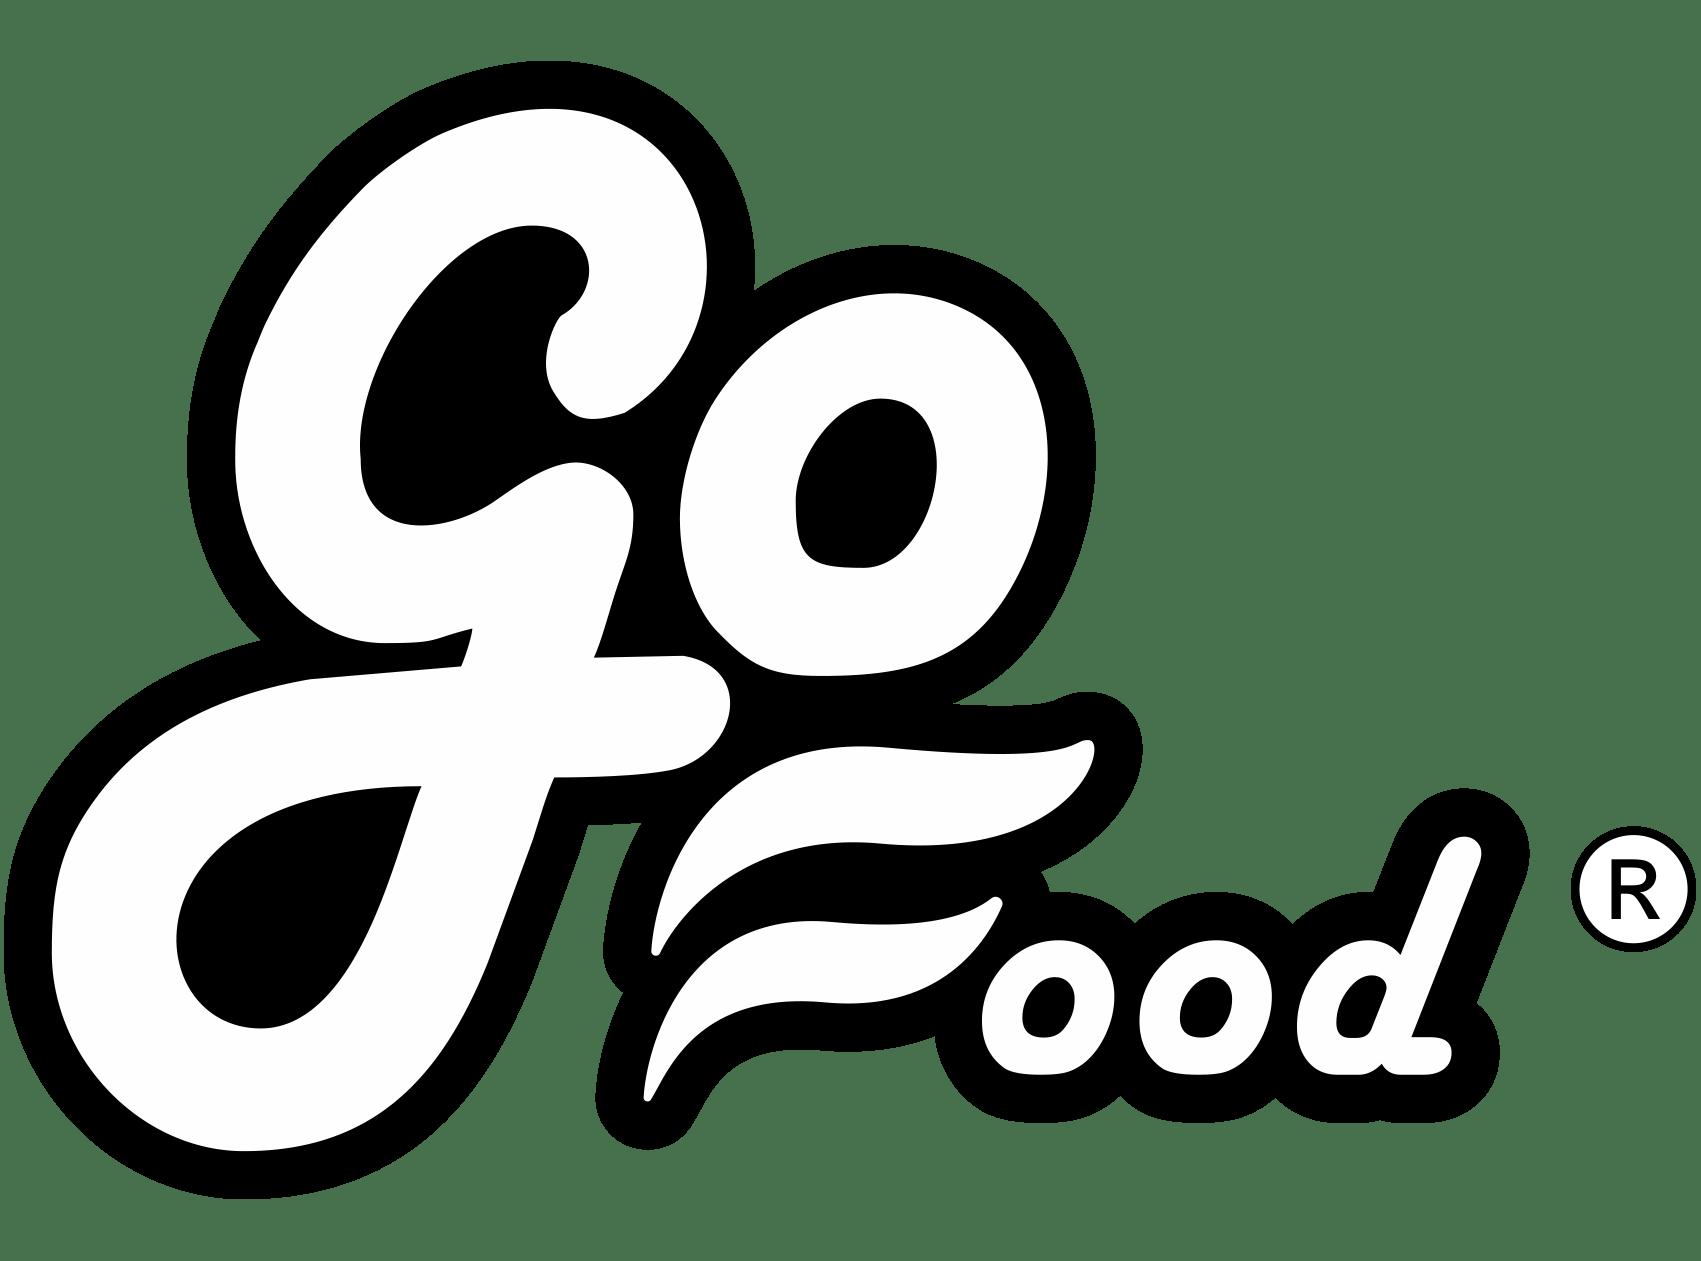 Gofood_logomm_final_art